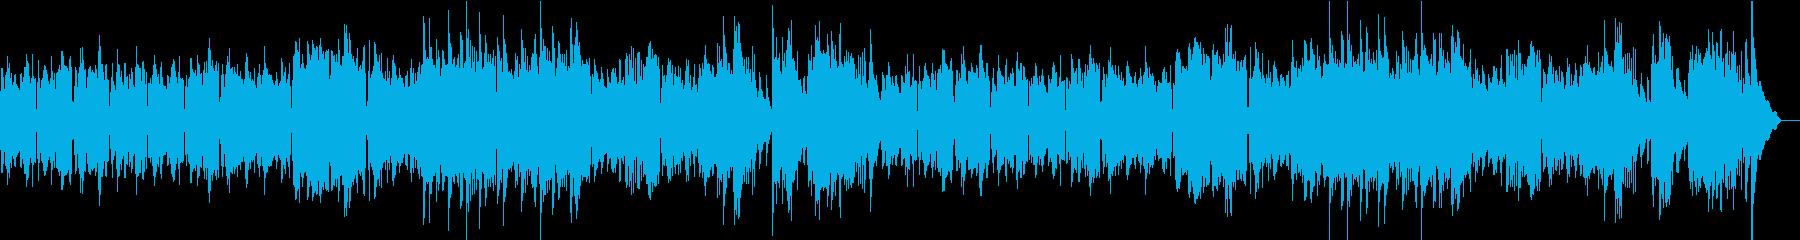 アコーディオン旋律のシャンソン風ワルツの再生済みの波形